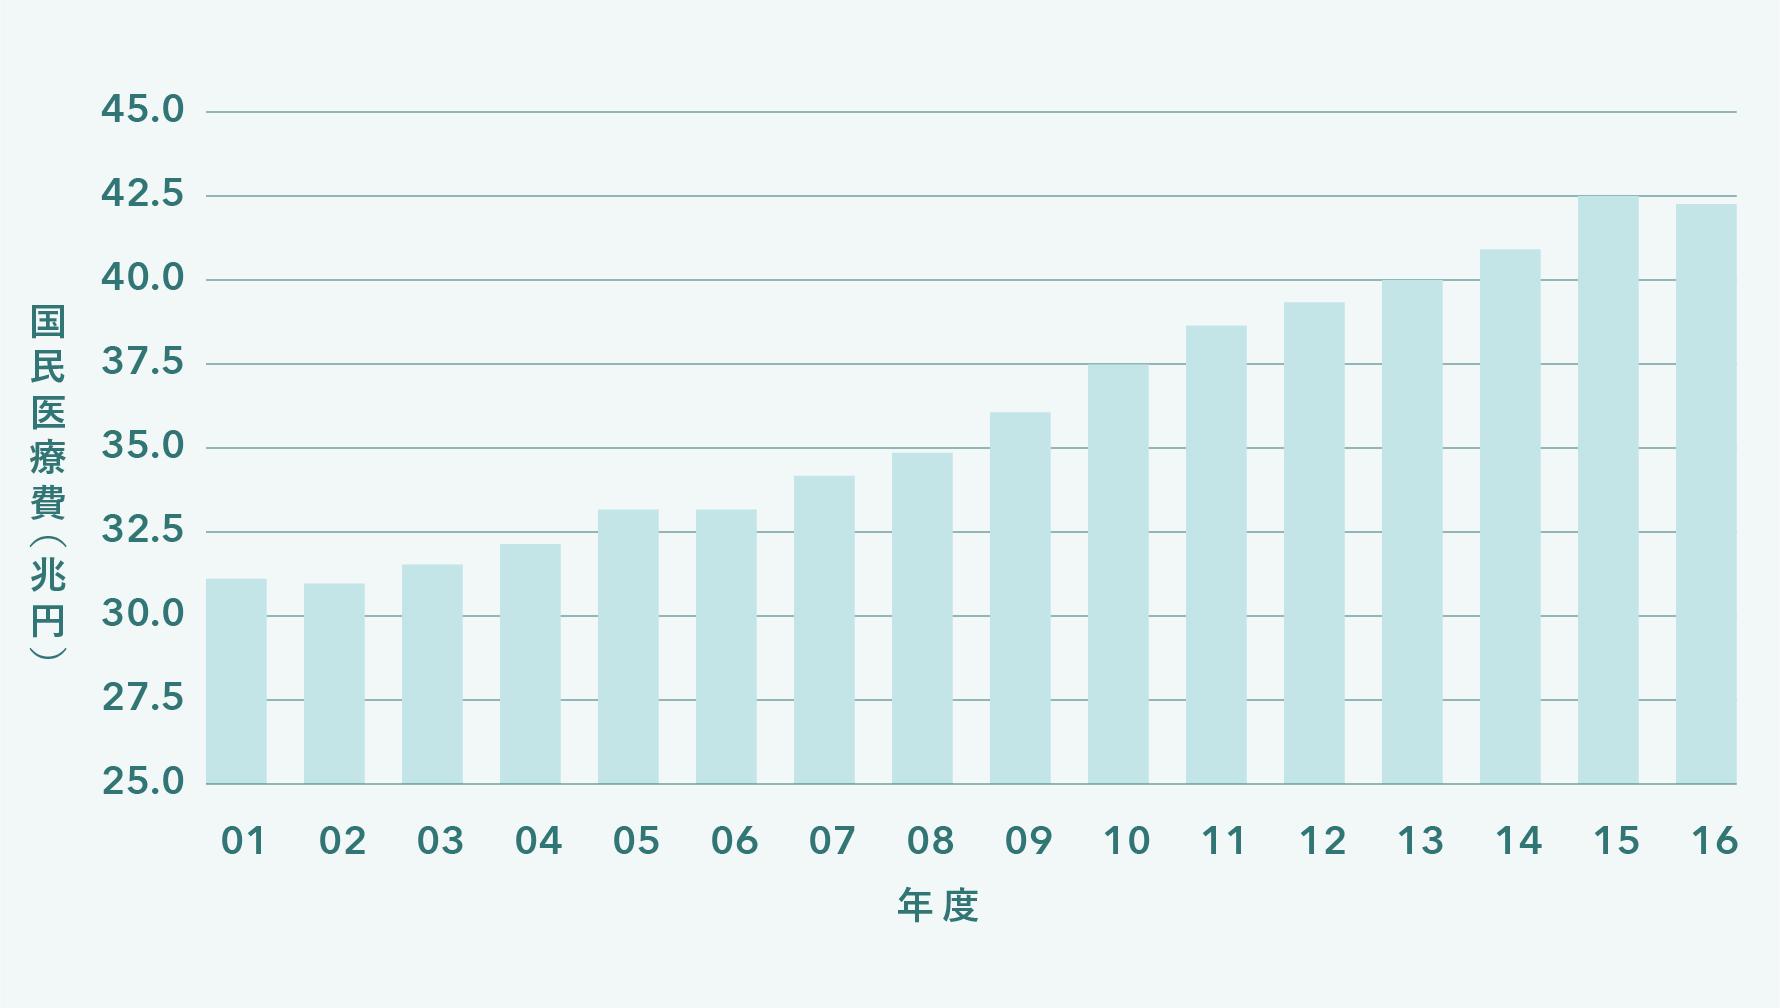 医療費の増加を表すグラフ